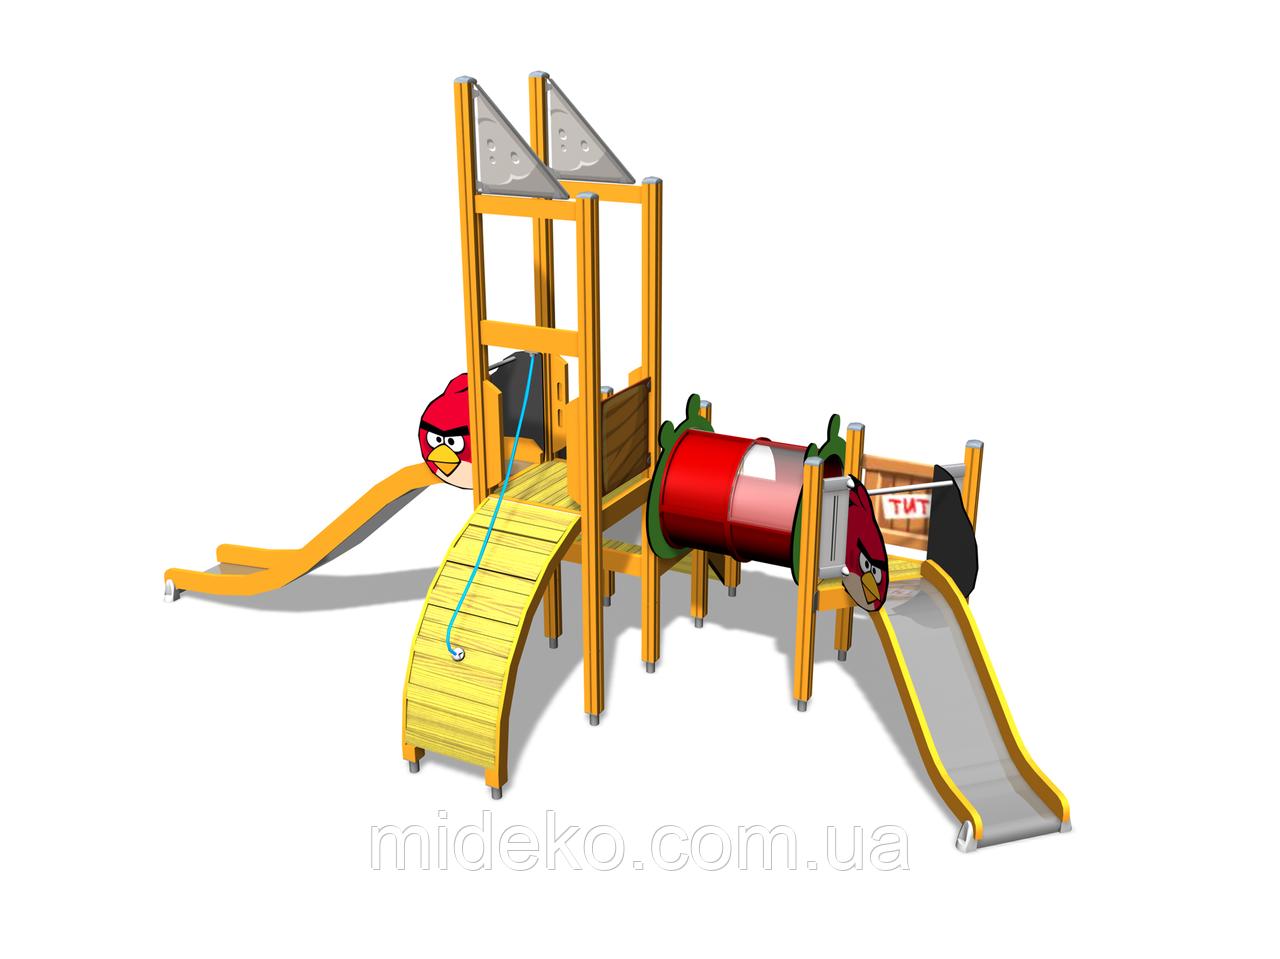 Детский площадки купить чернигов